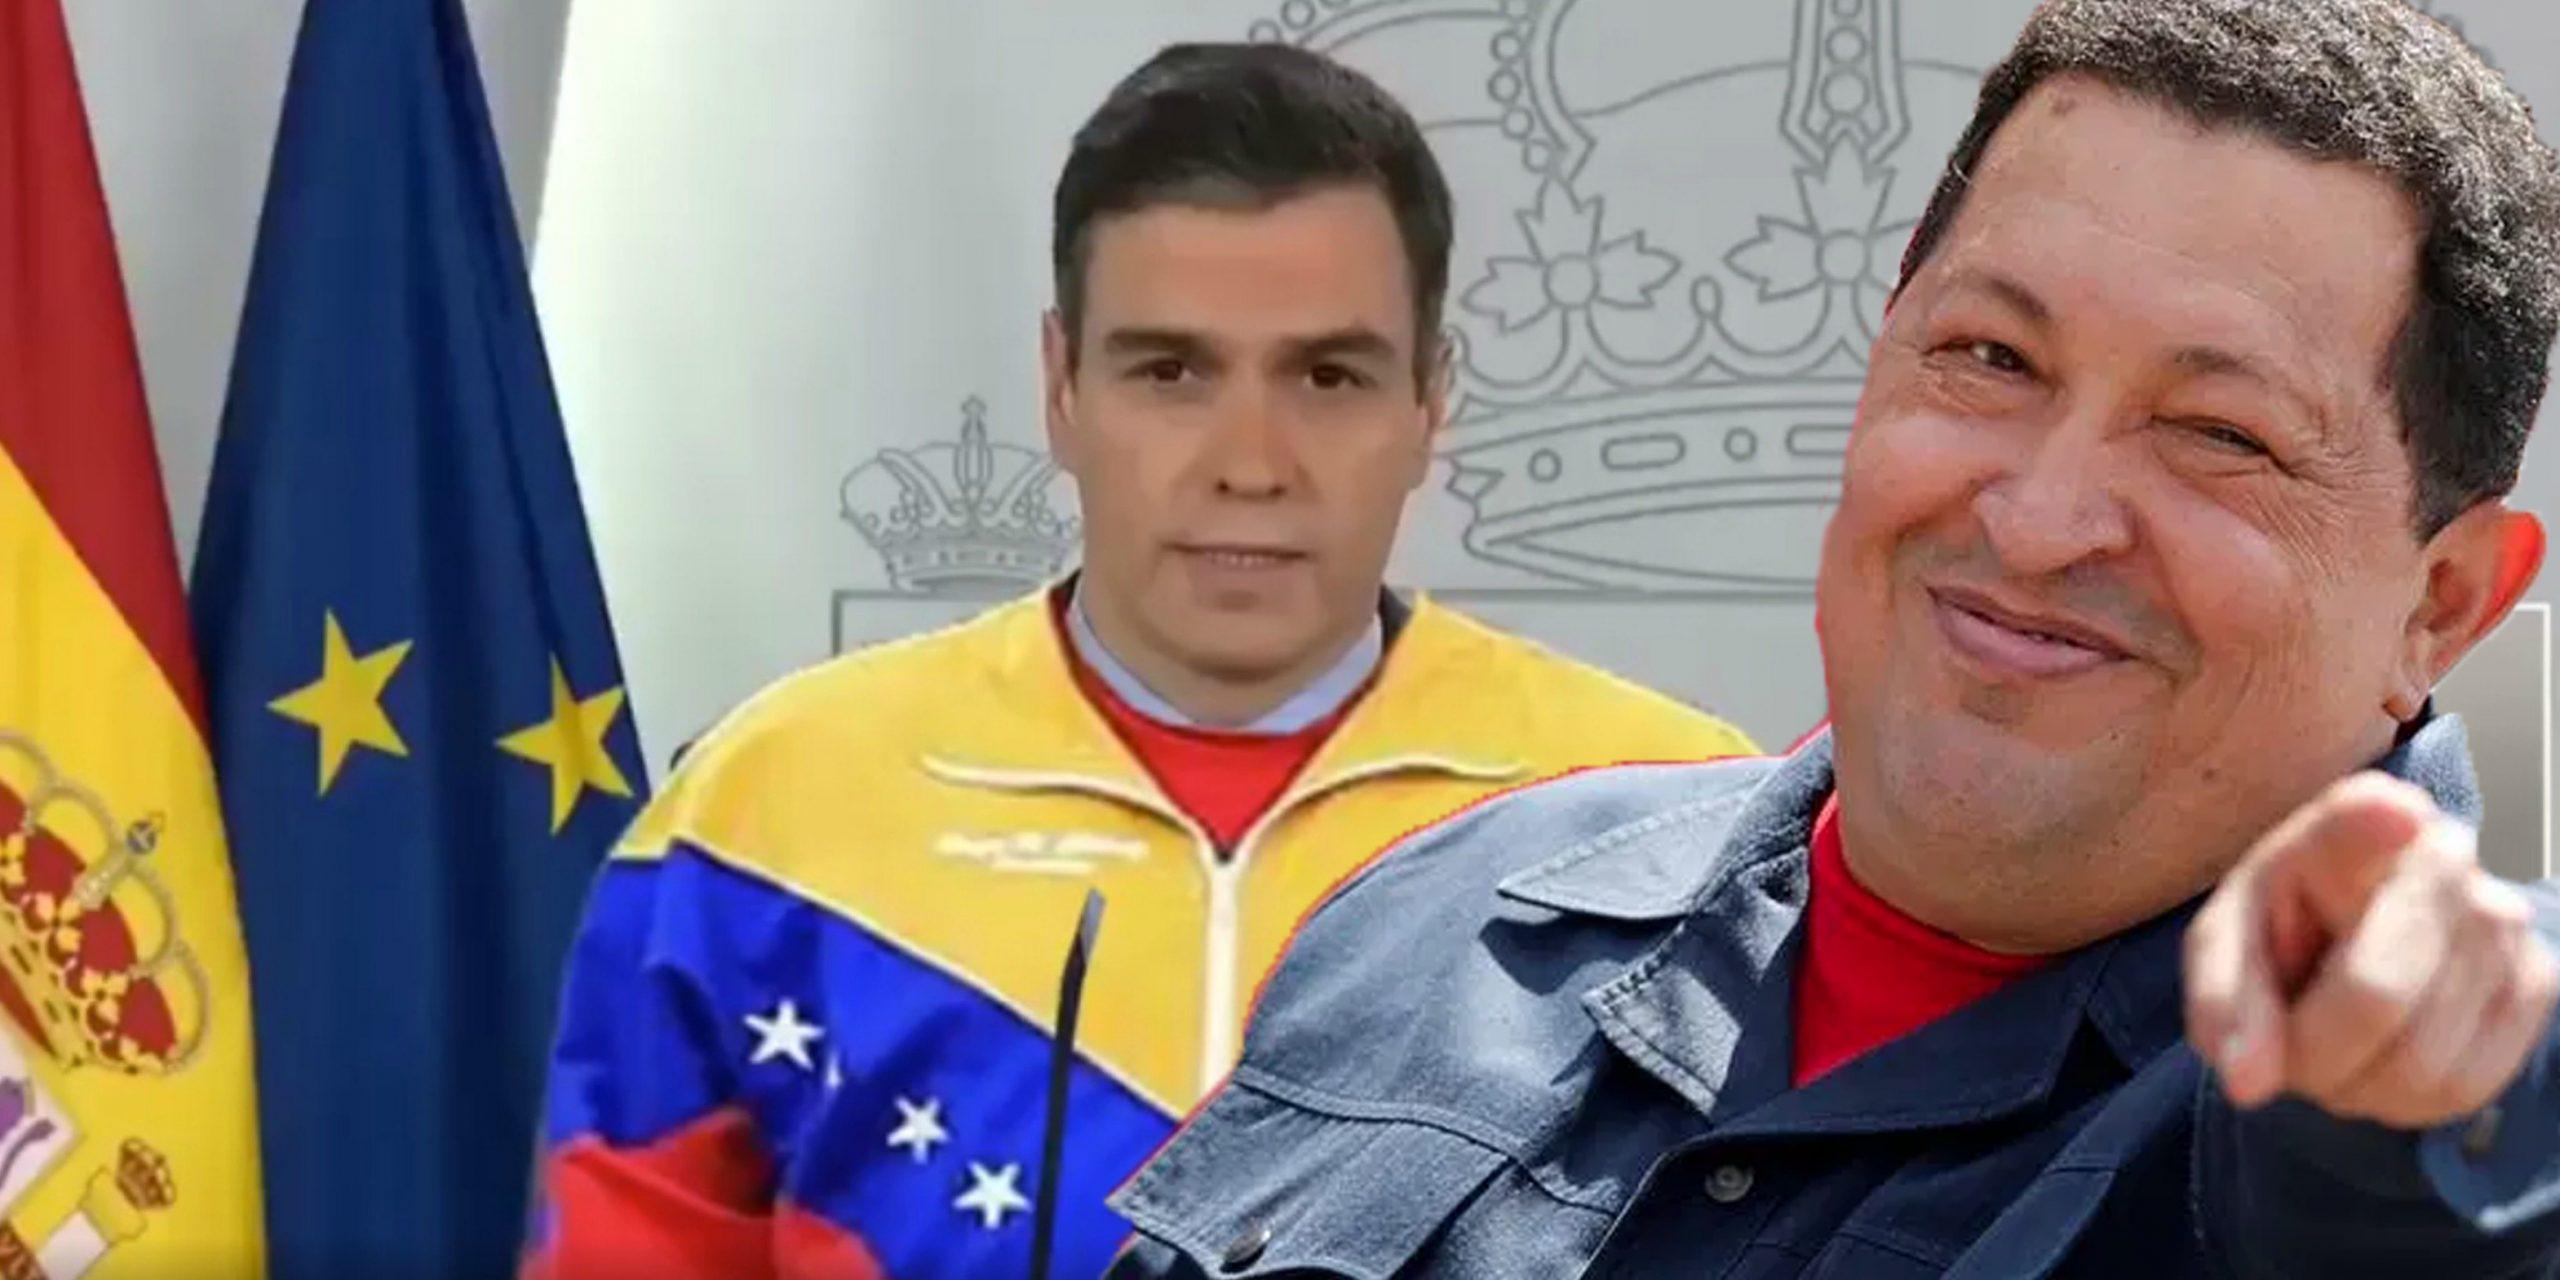 Sánchez copia a Chávez en su Ley de Seguridad Nacional: 'barra libre' expropiaciones sin control del Congreso